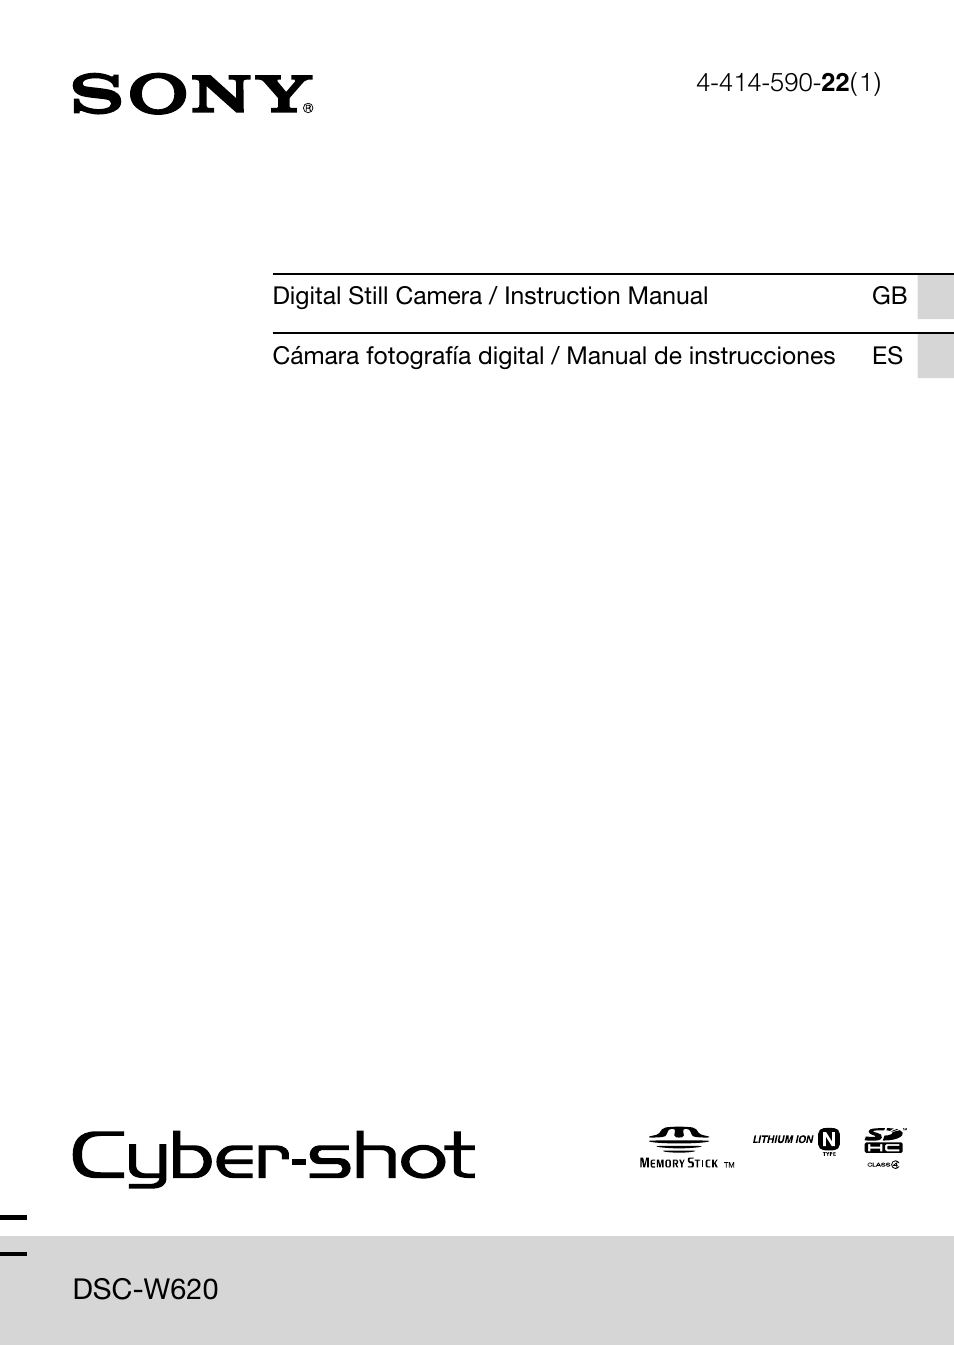 Download free pdf for sony cybershot,cyber-shot dsc-w620 digital.